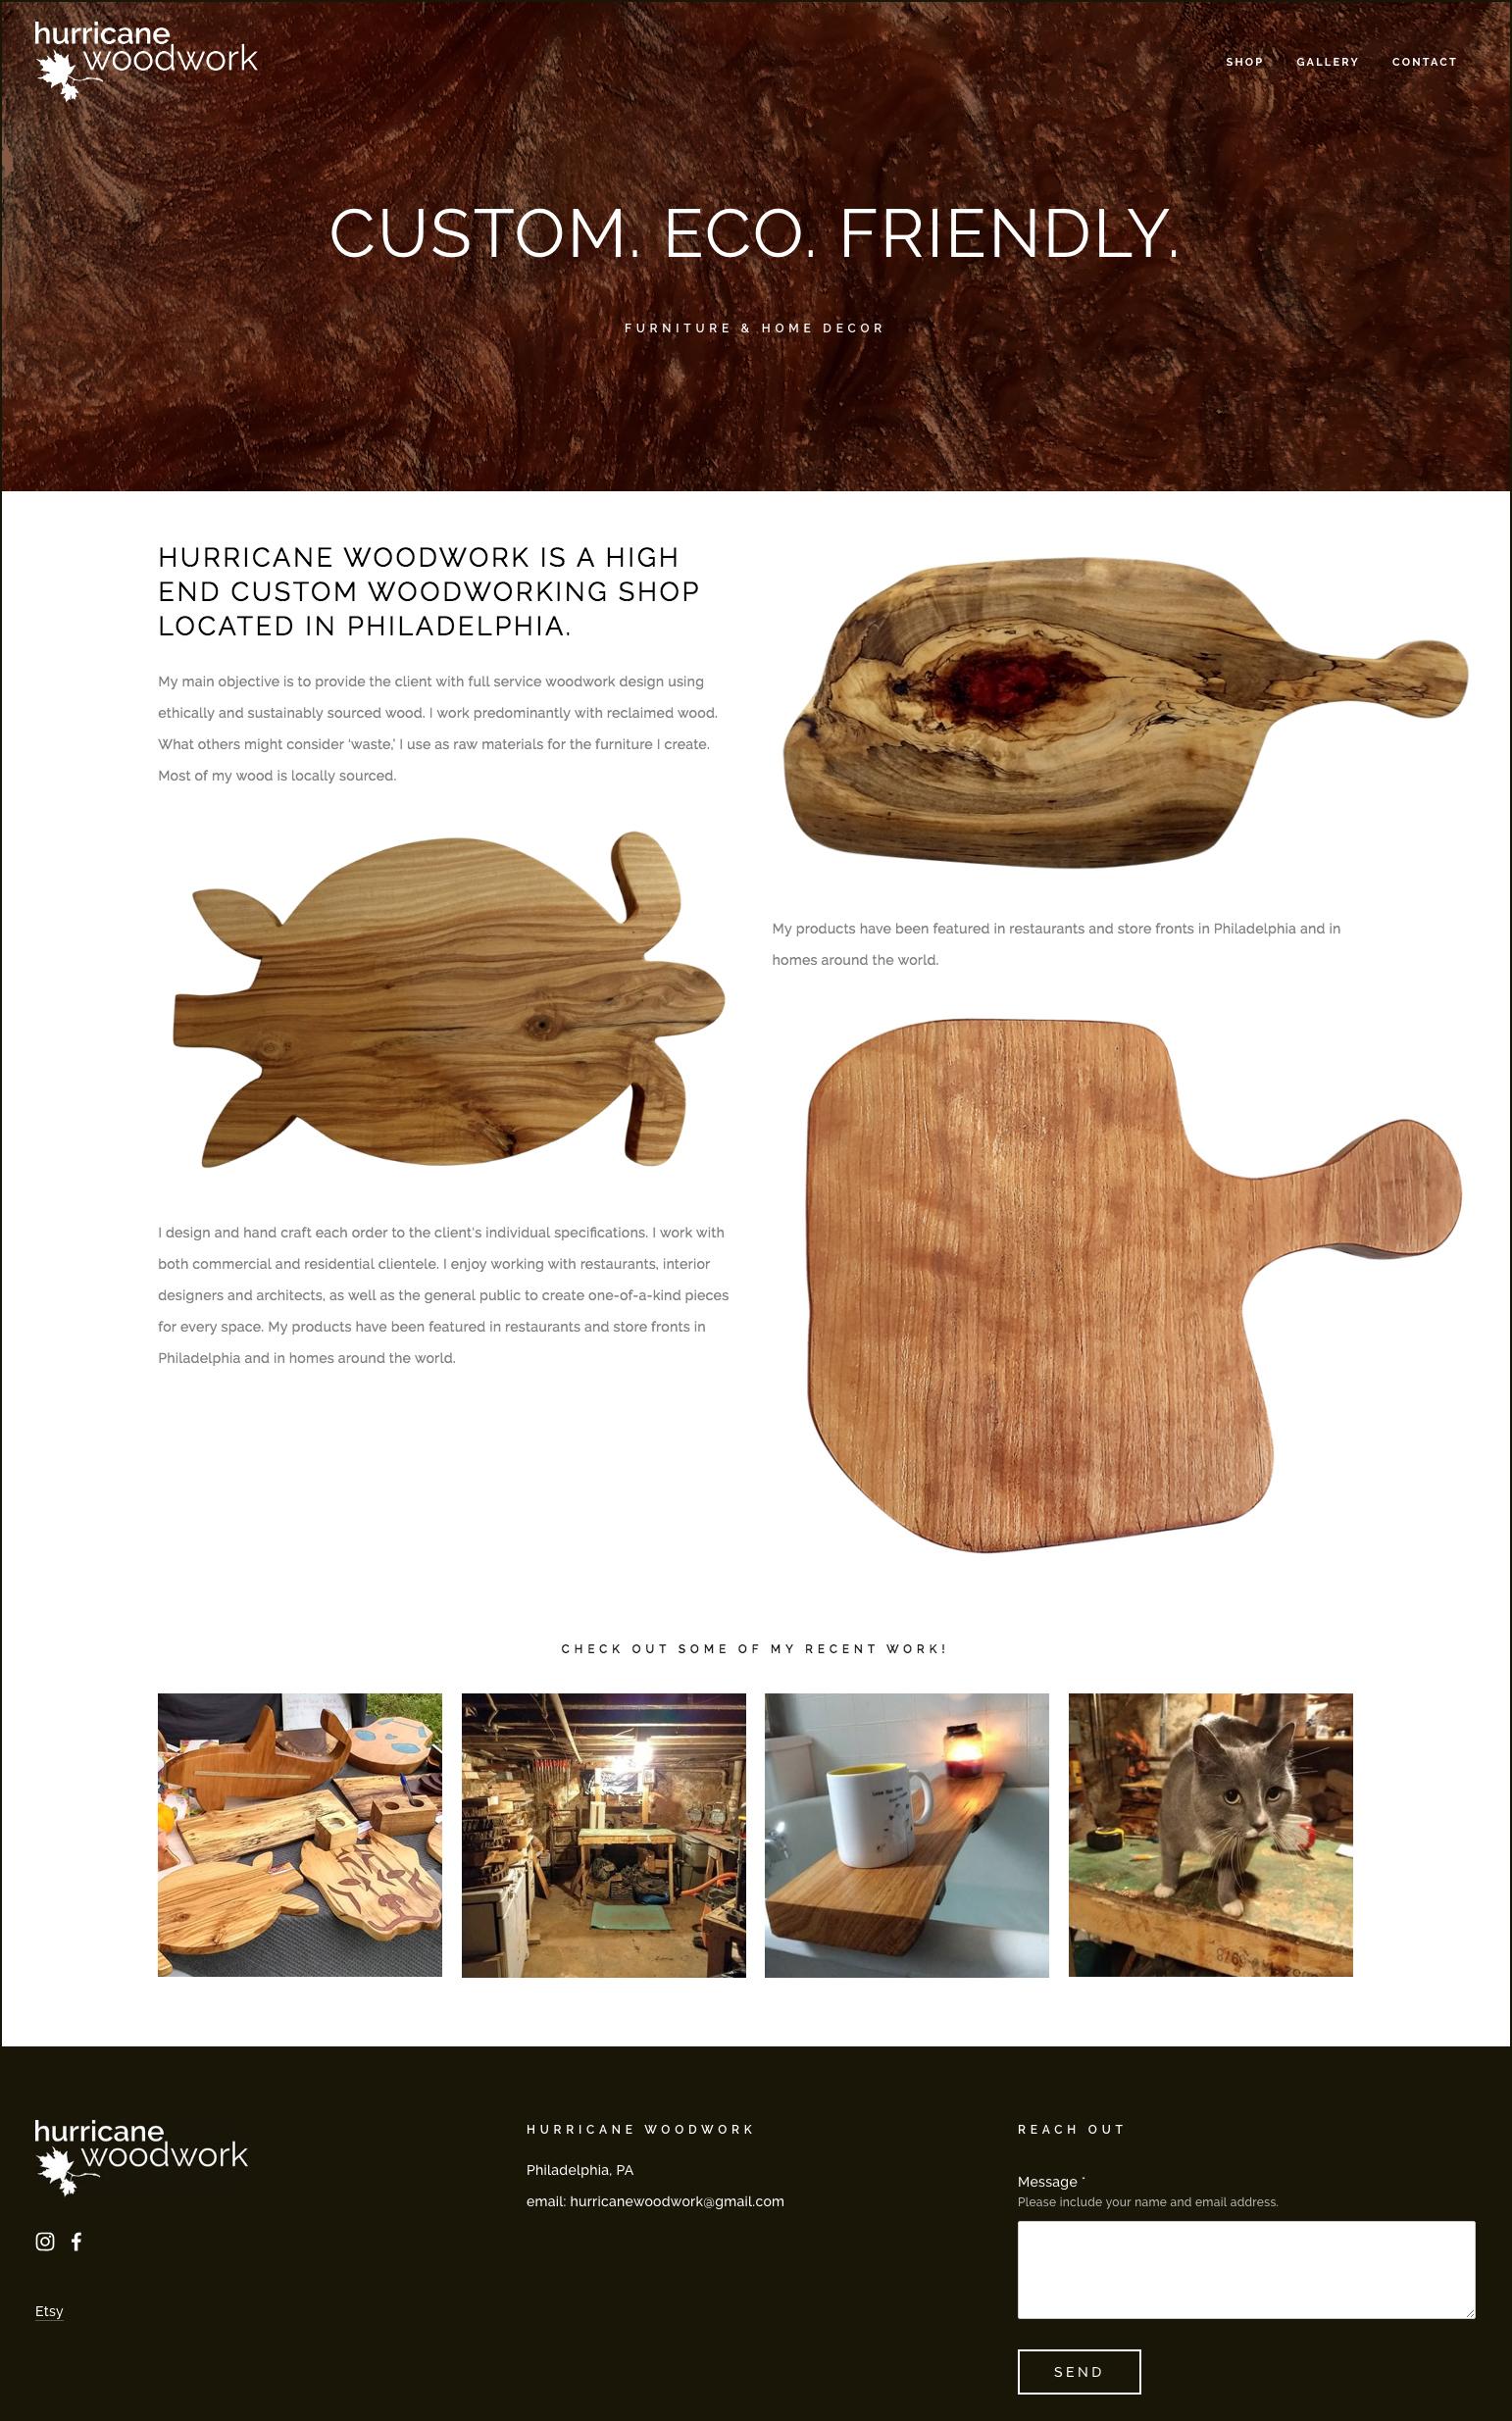 Hurricane-Woodwork-web-homepage.jpg